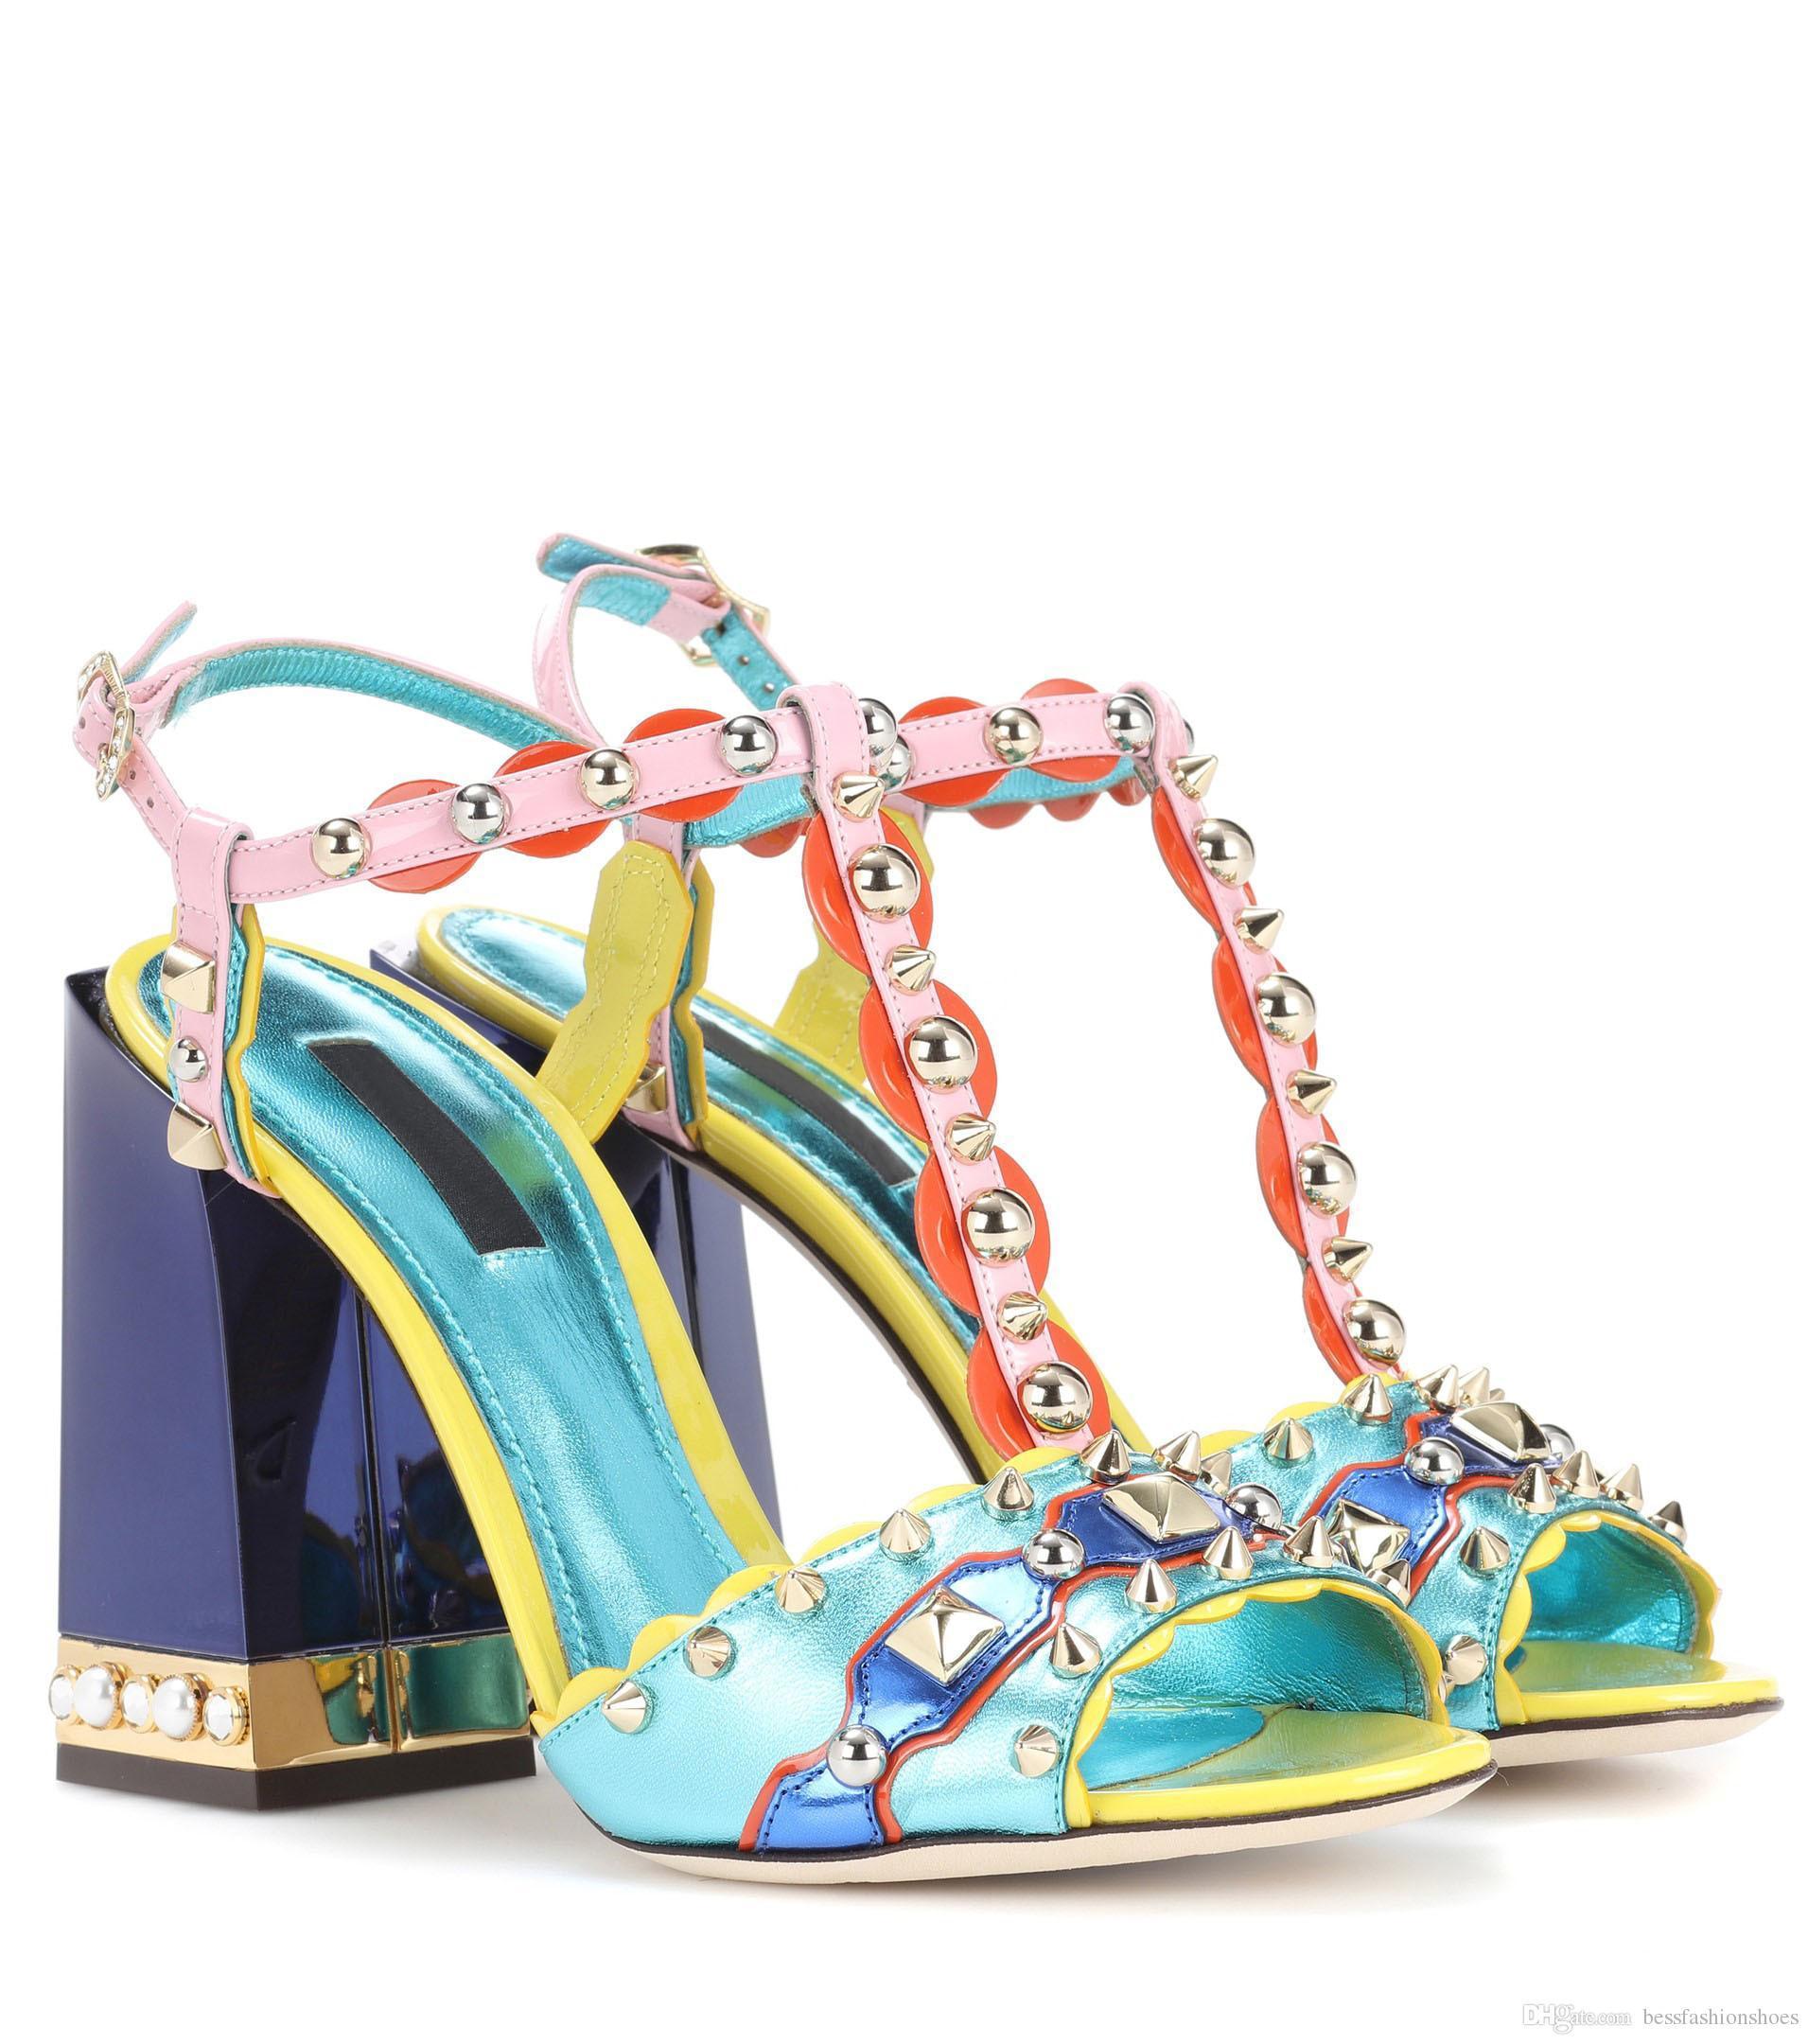 Tıknaz Stil Kadın Çivili Gladyatör Sandalet Ayakkabı Moda 2018 Yaz Çok Renkli Kadın Gelinlik Topuklu Sandalet Sapatos Mujers Pompalar